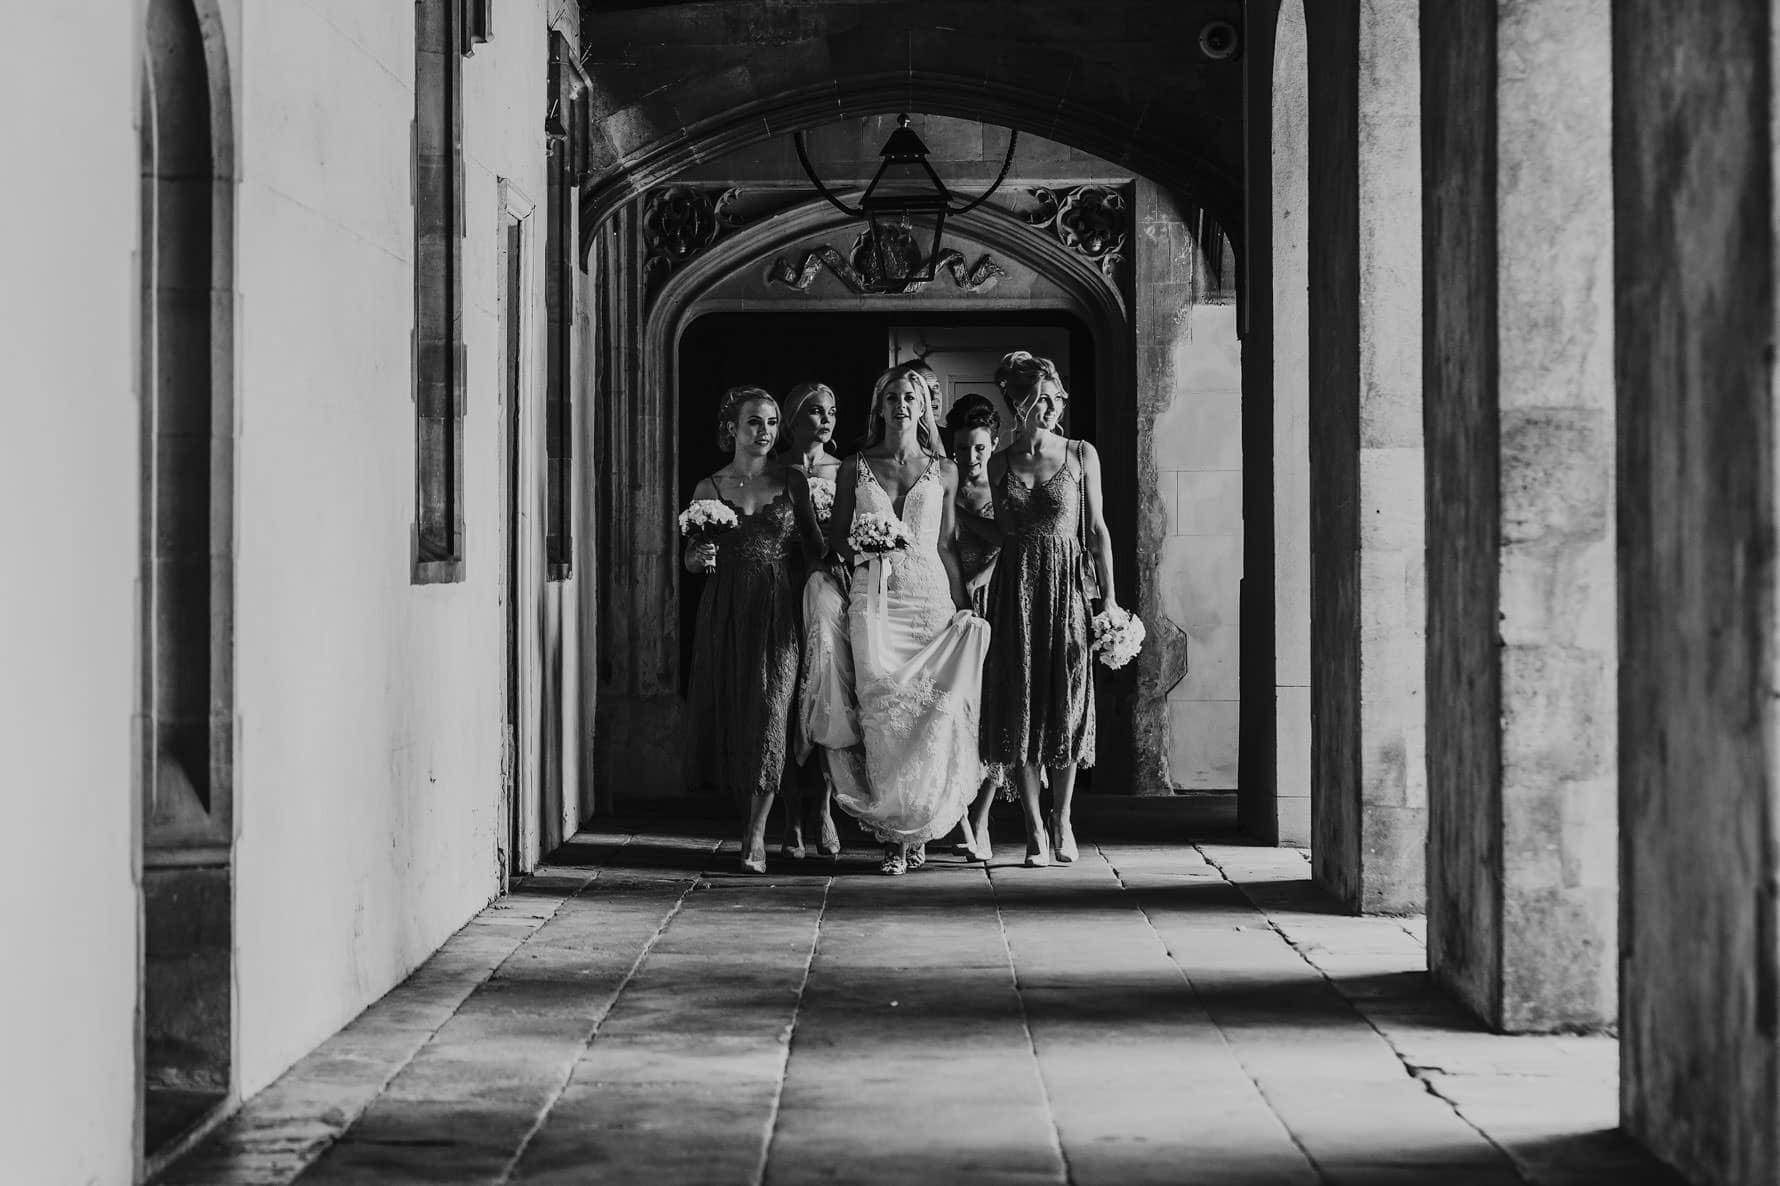 Bride and bridesmaids walking towards a wedding ceremony